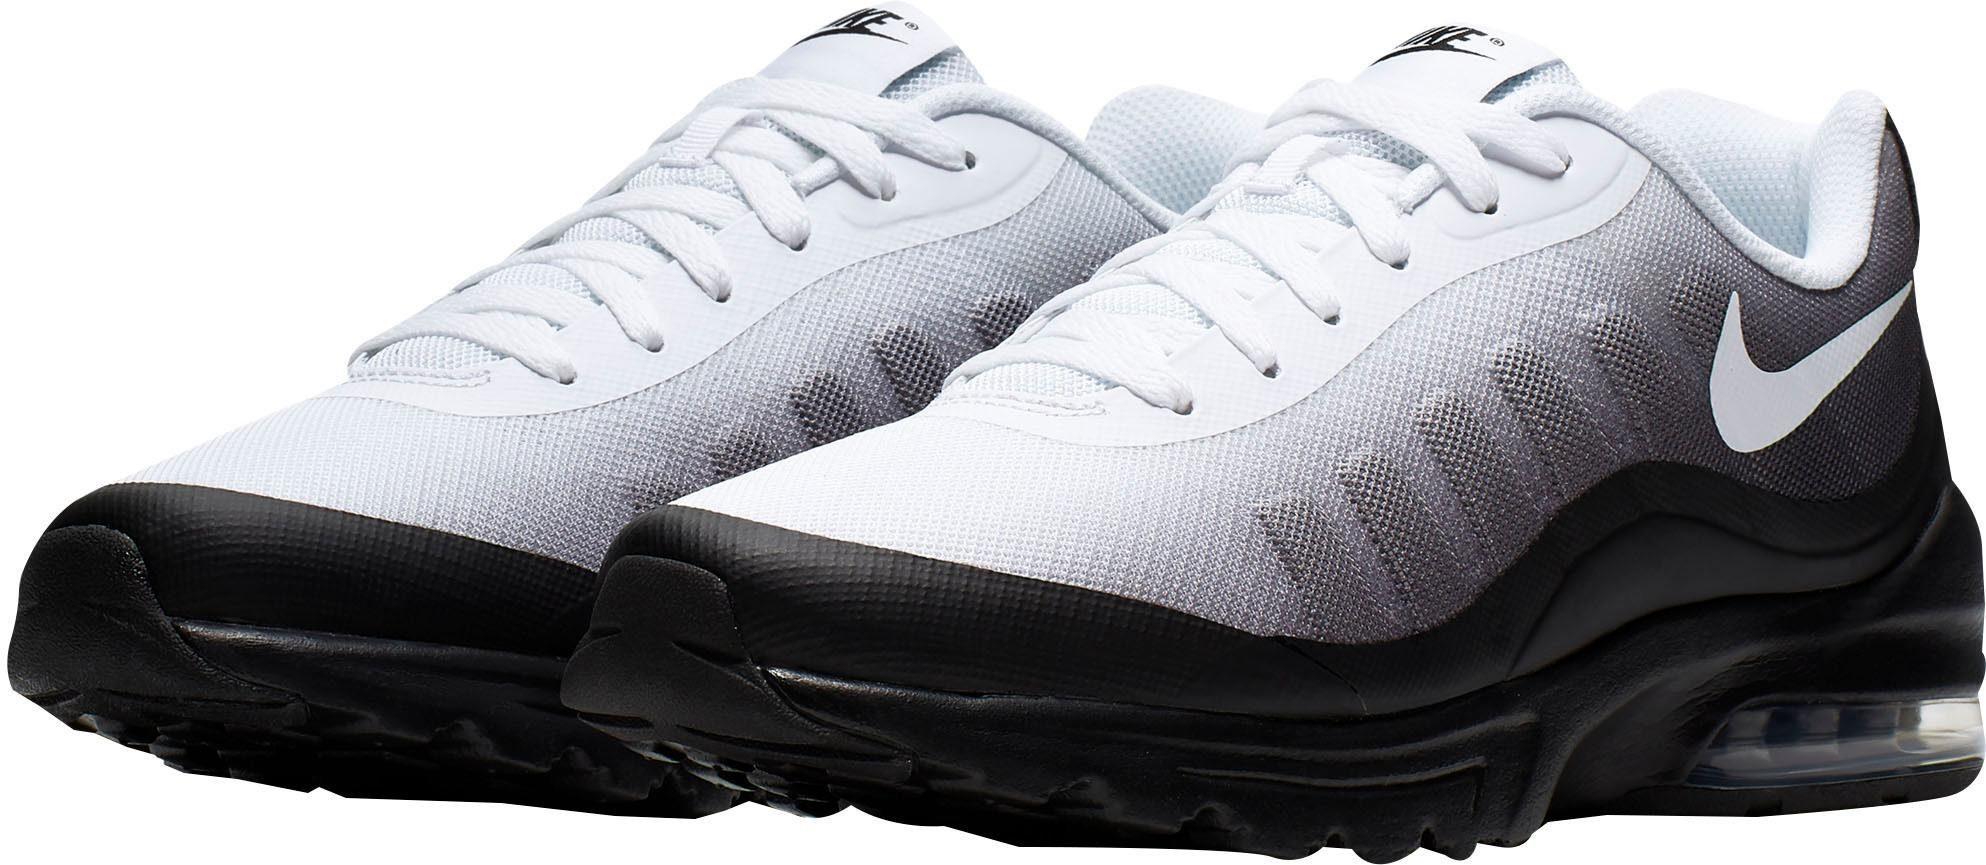 Nike Sportswear »Air Max 270« Sneaker, Trendiger Sneaker von Nike Sportswear online kaufen | OTTO